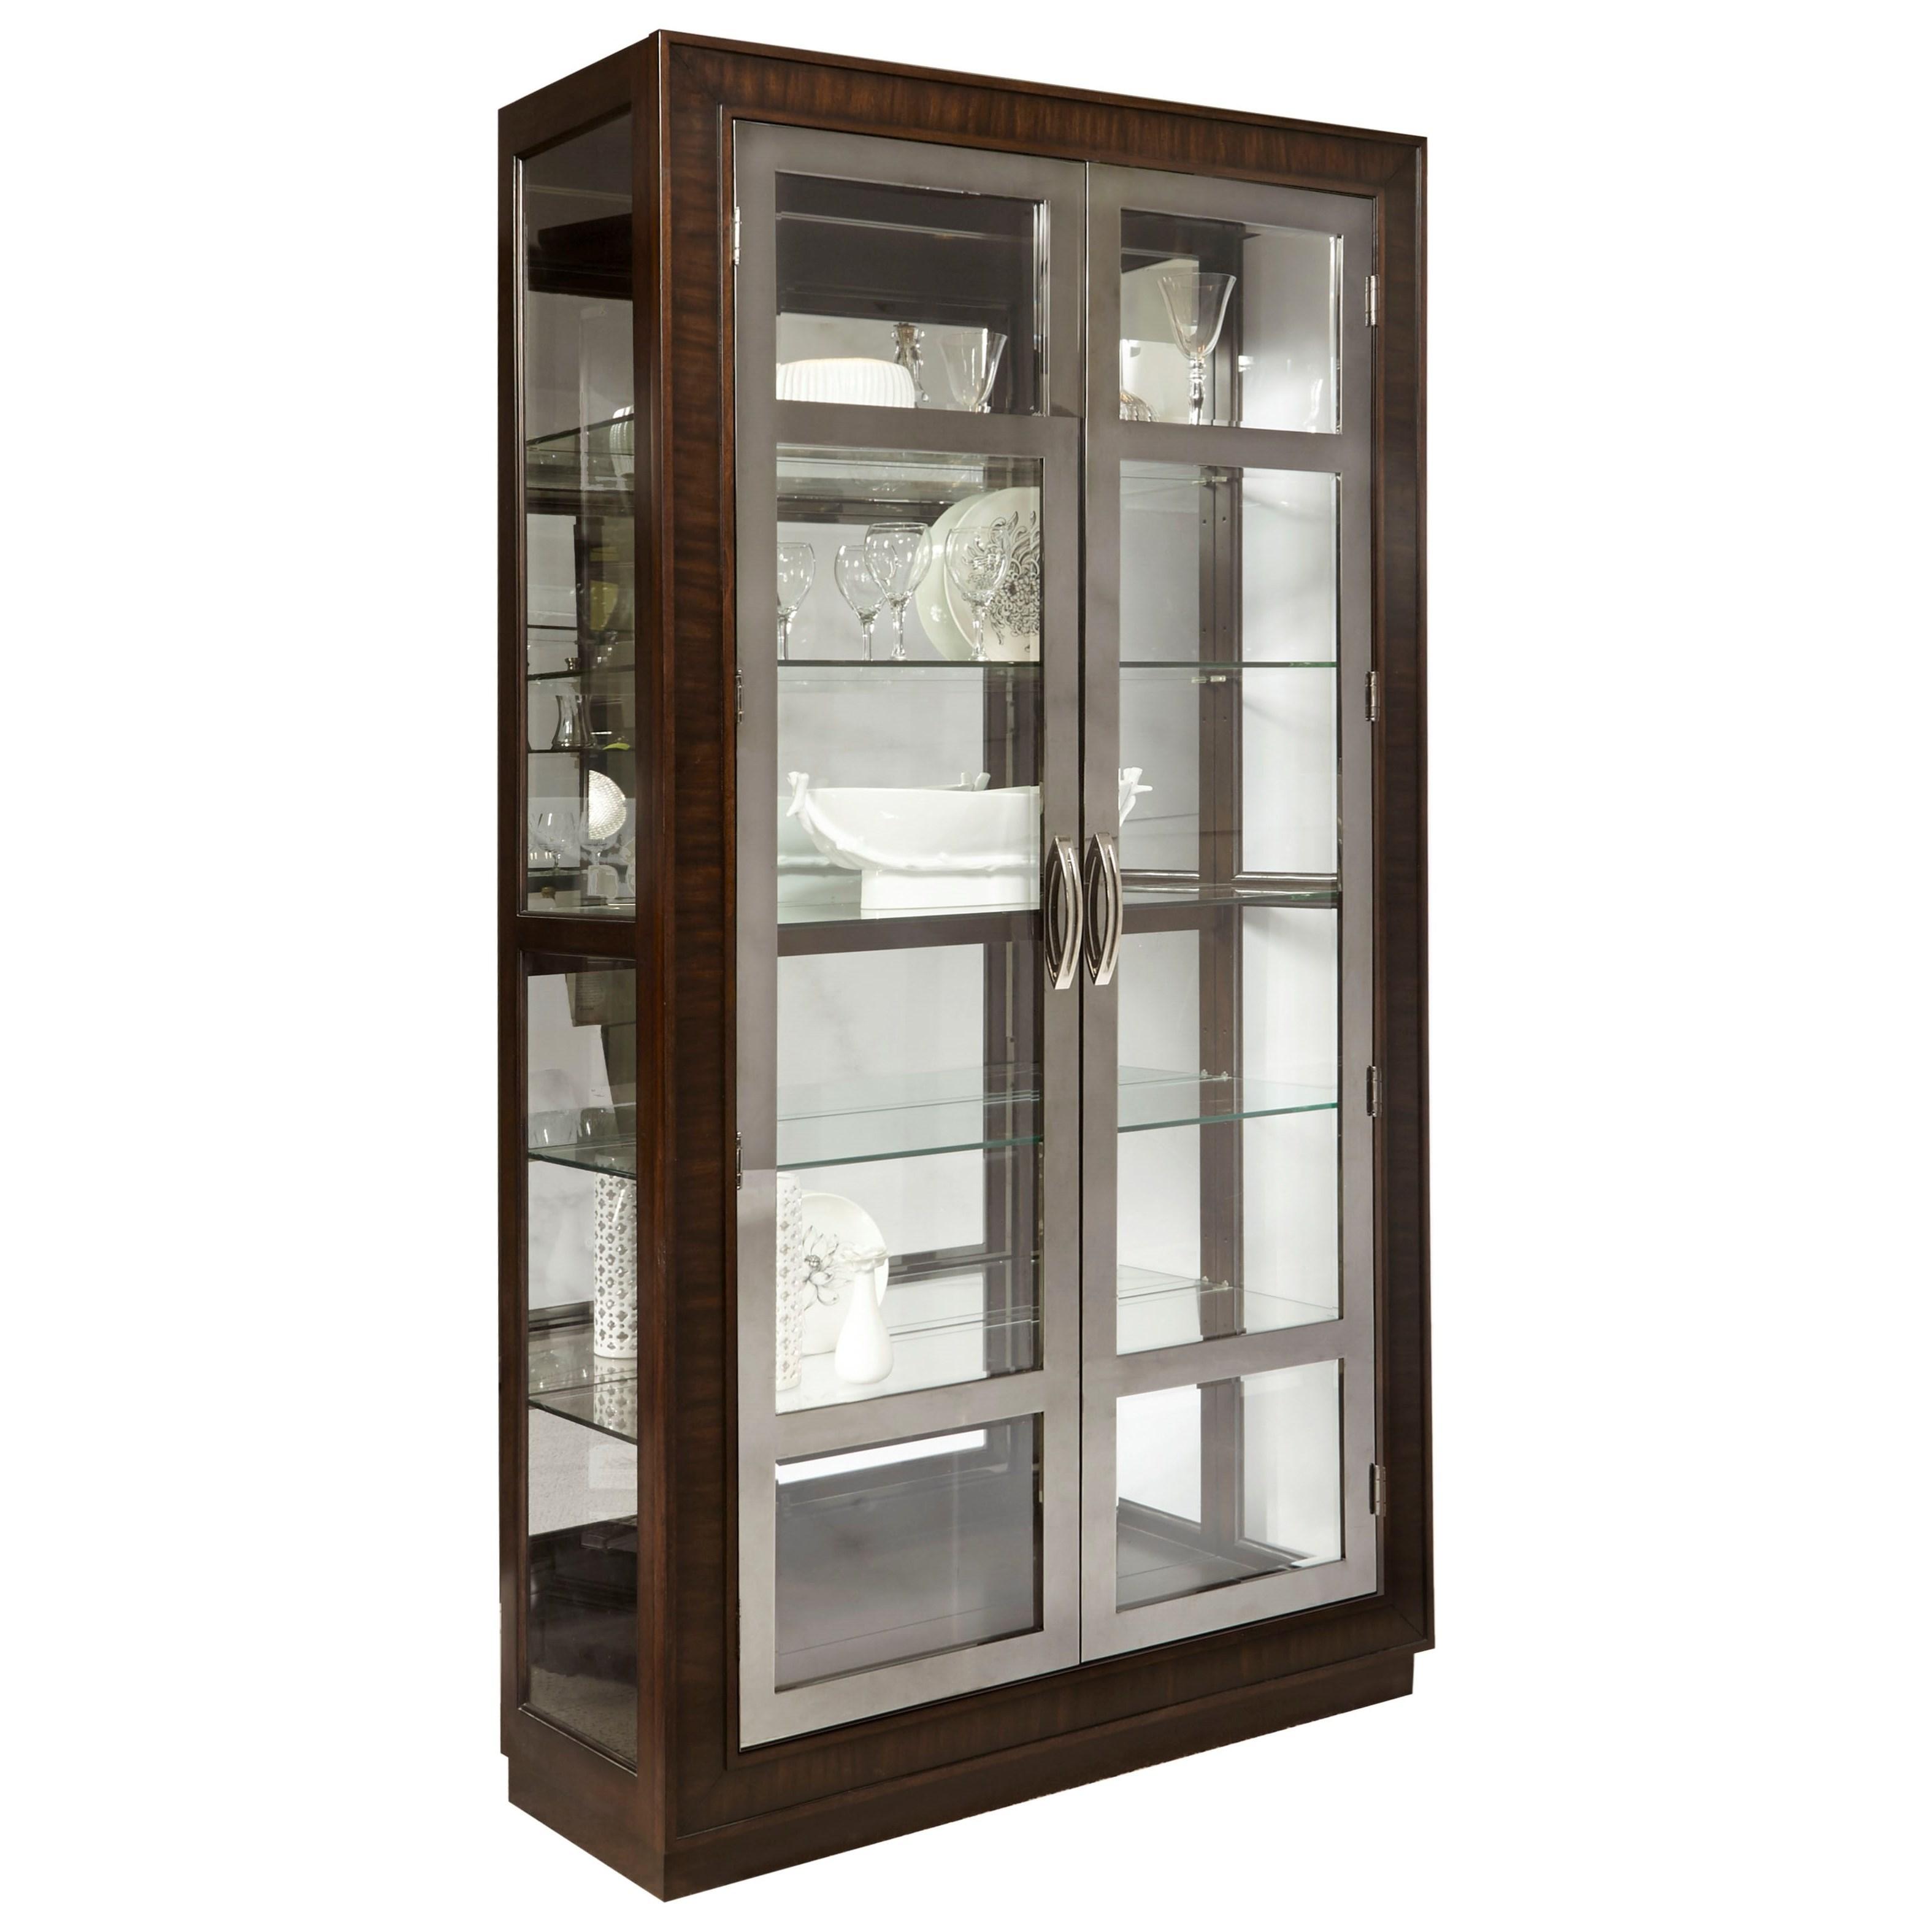 Pulaski Furniture Curios Nickel Door Curio - Item Number: P021609